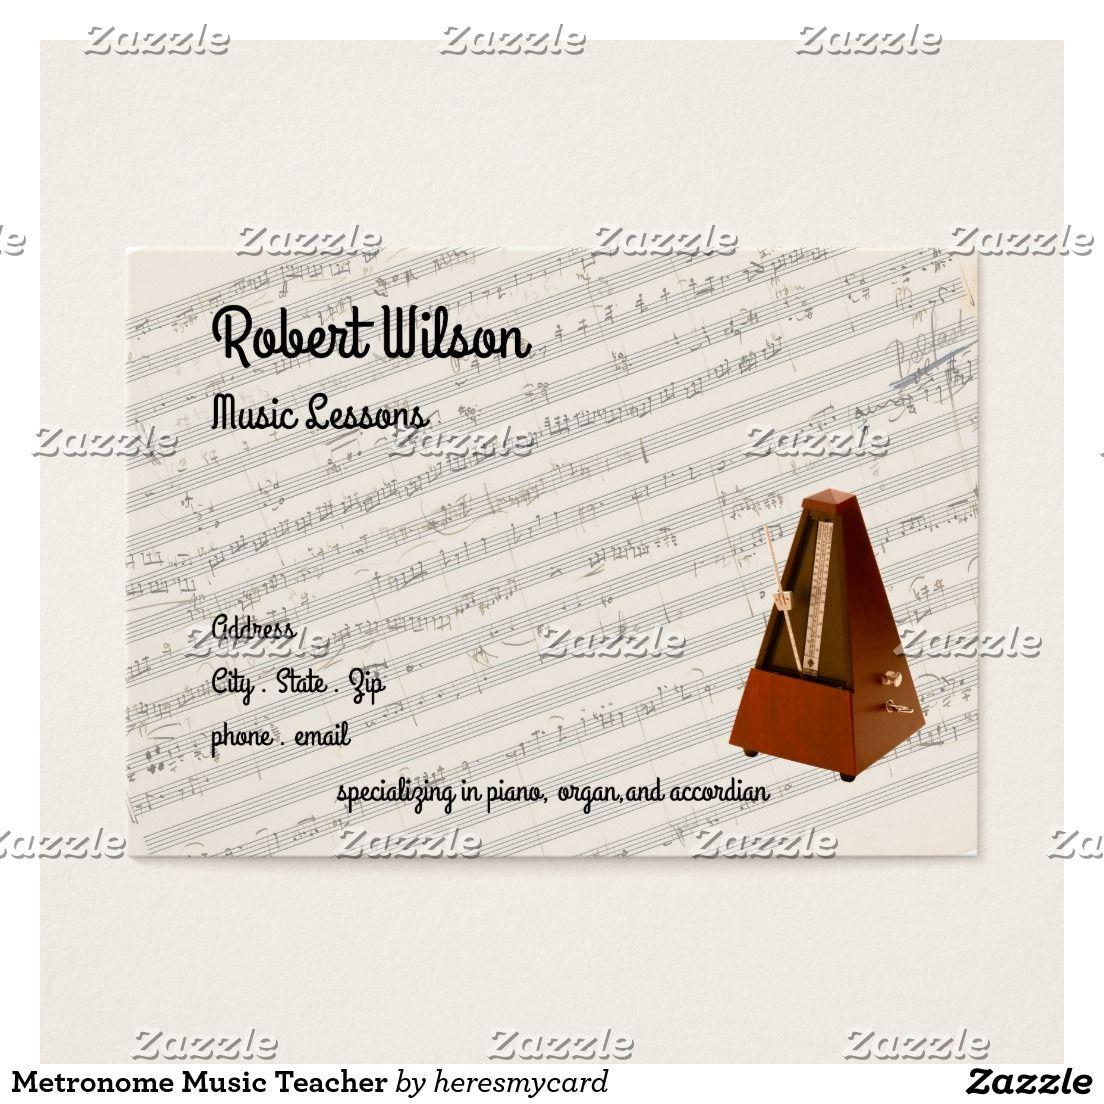 Metronome Music Teacher Business Card | Teacher business cards